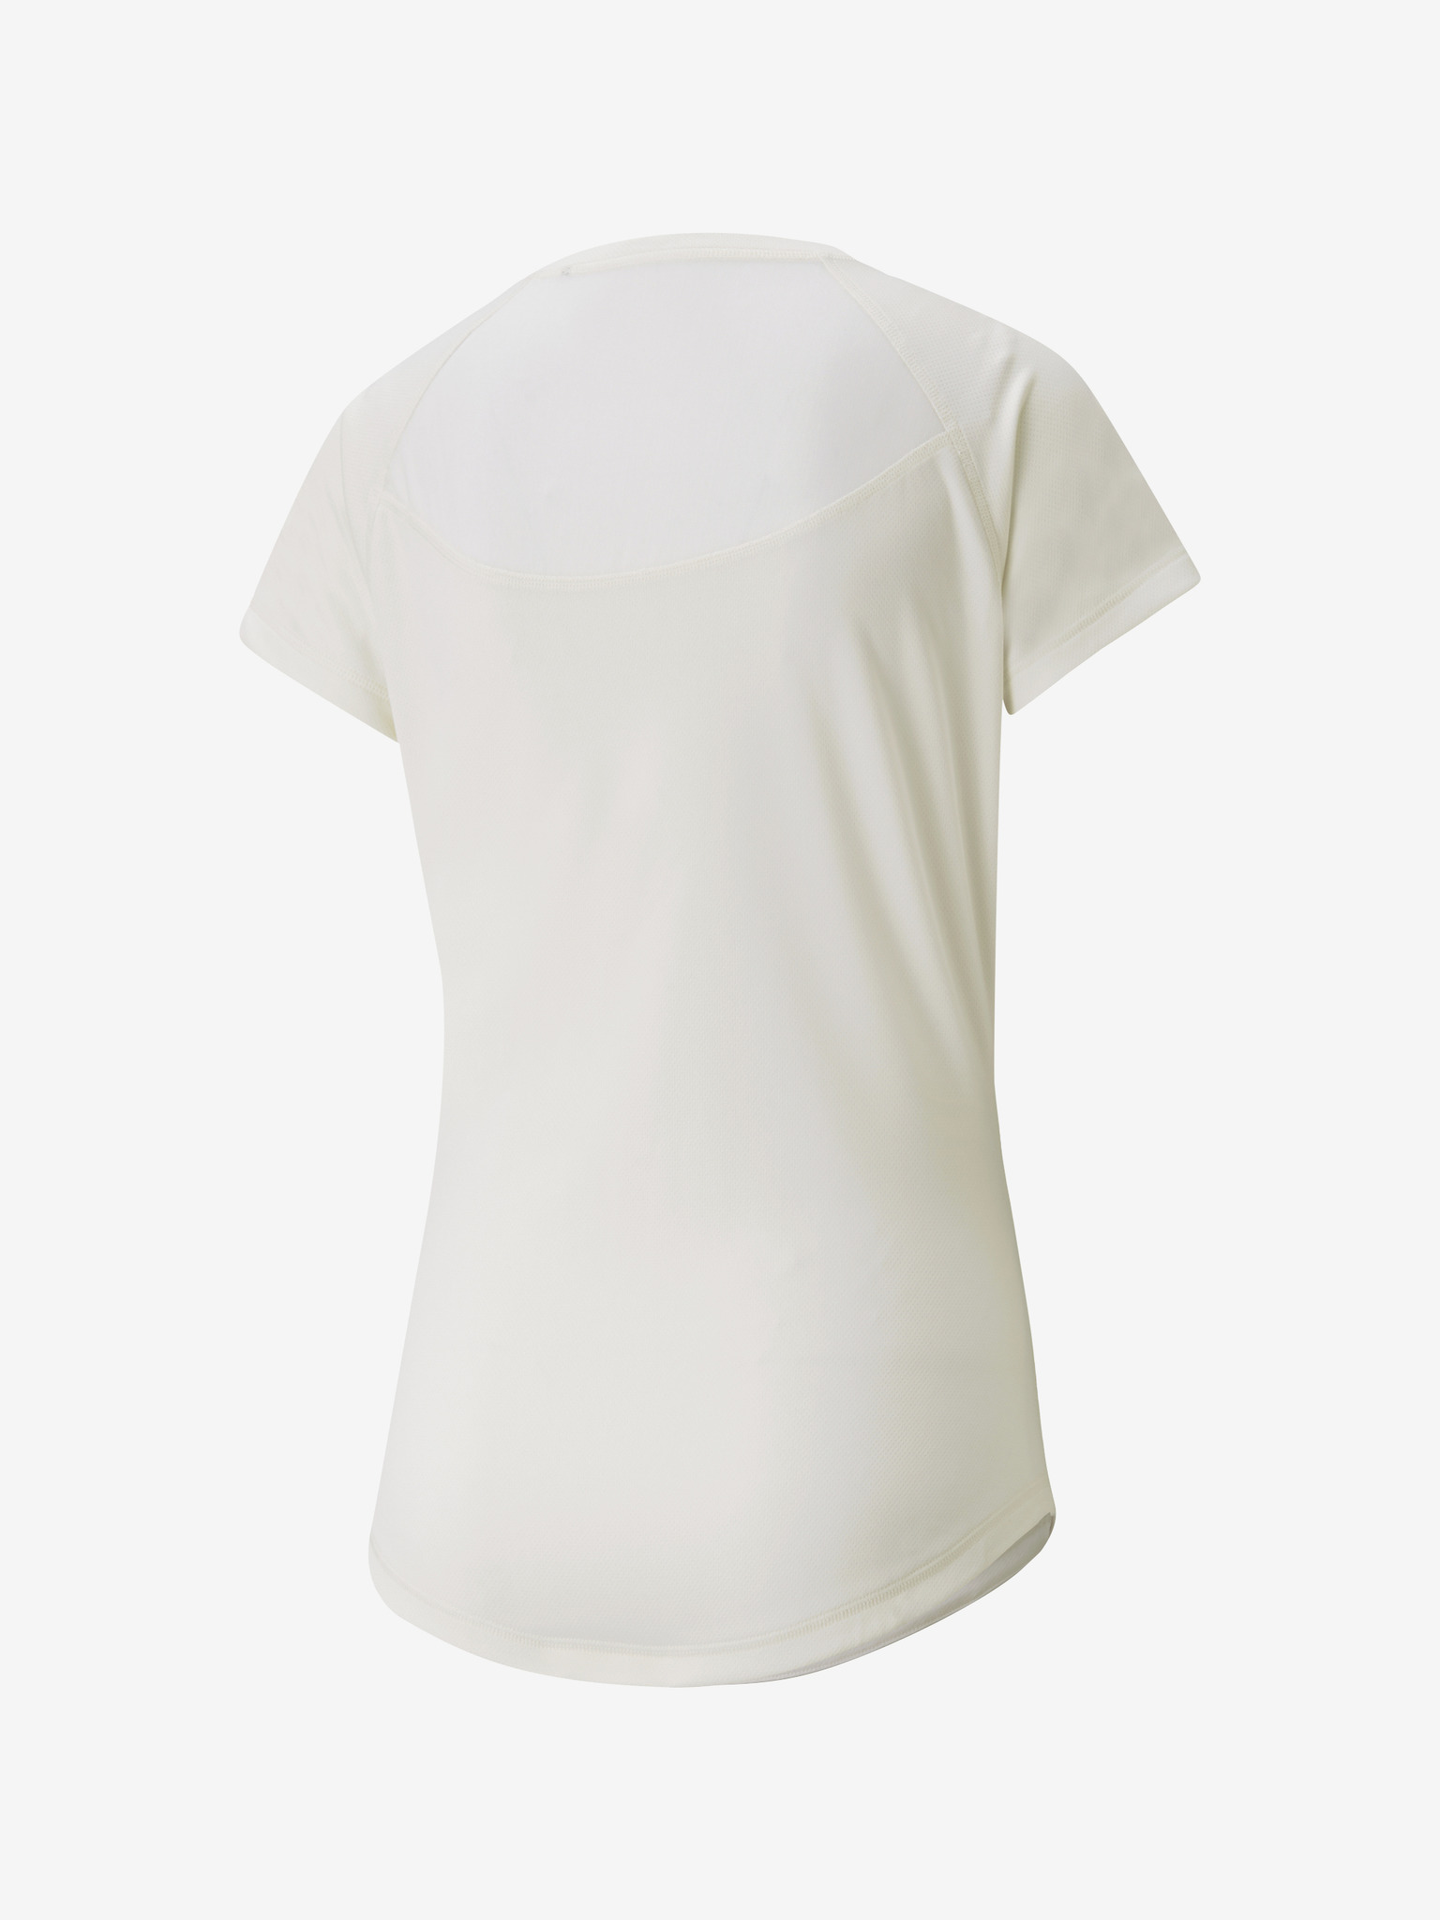 Puma Maglietta donna bianco  First